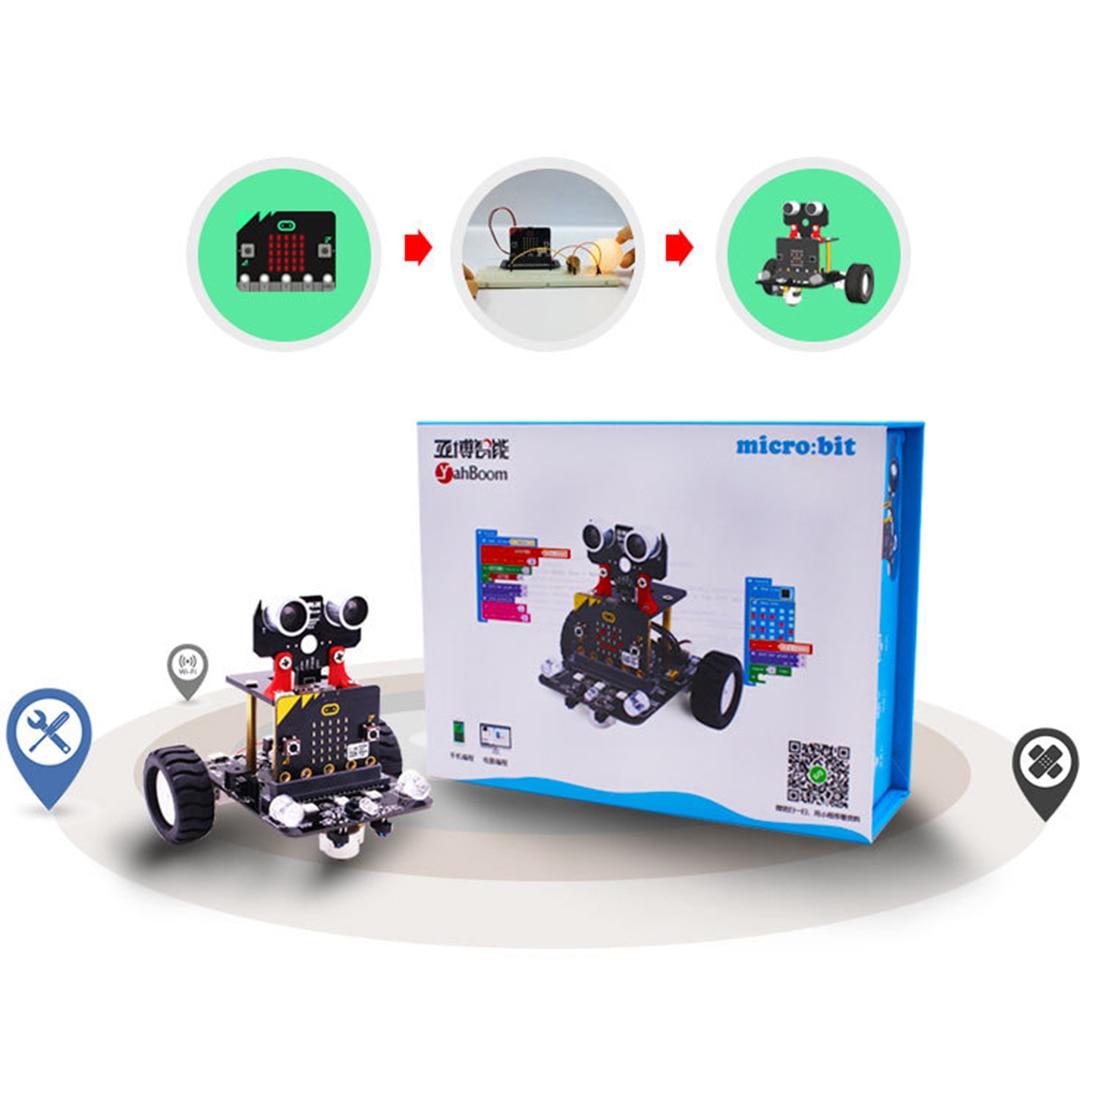 carro programavel grafico do robo com bluetooth 04